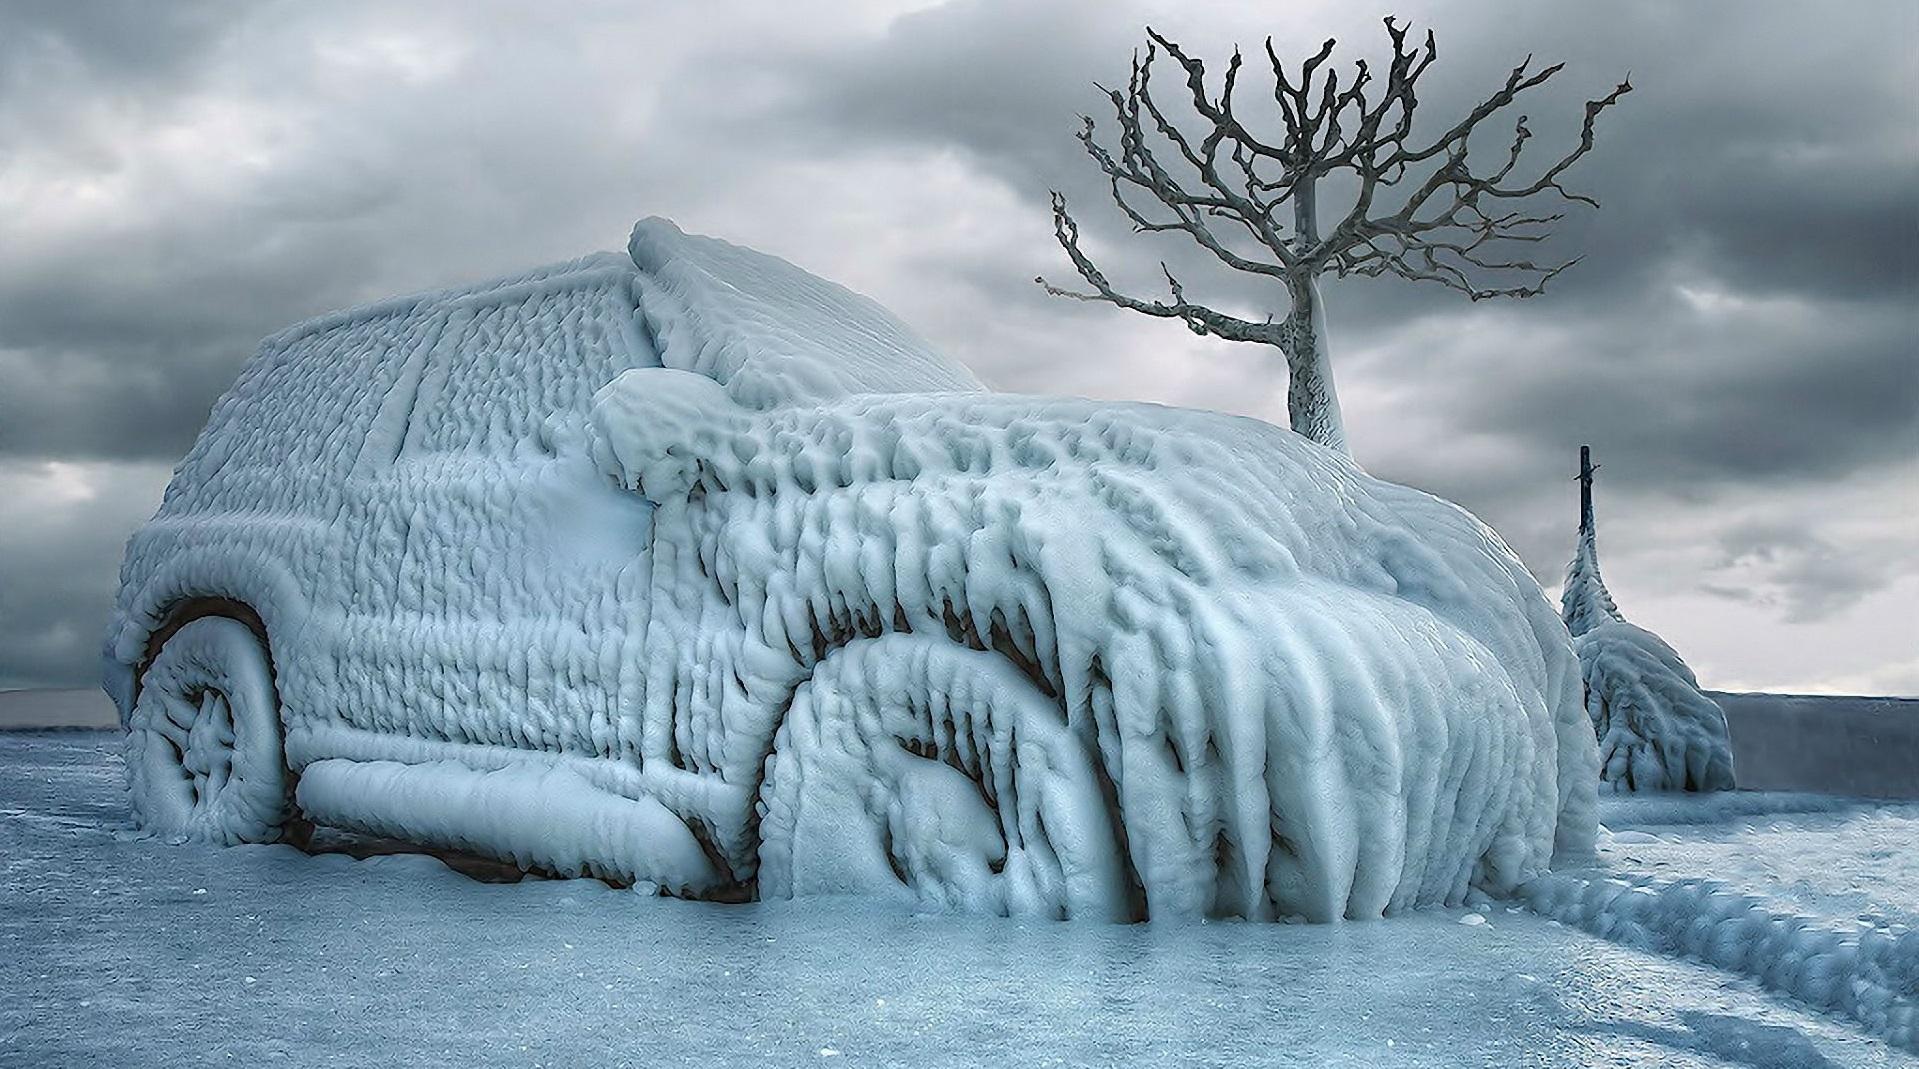 Десять зимних грехов автолюбителей: Что нельзя делать владельцам автомобилей зимой.